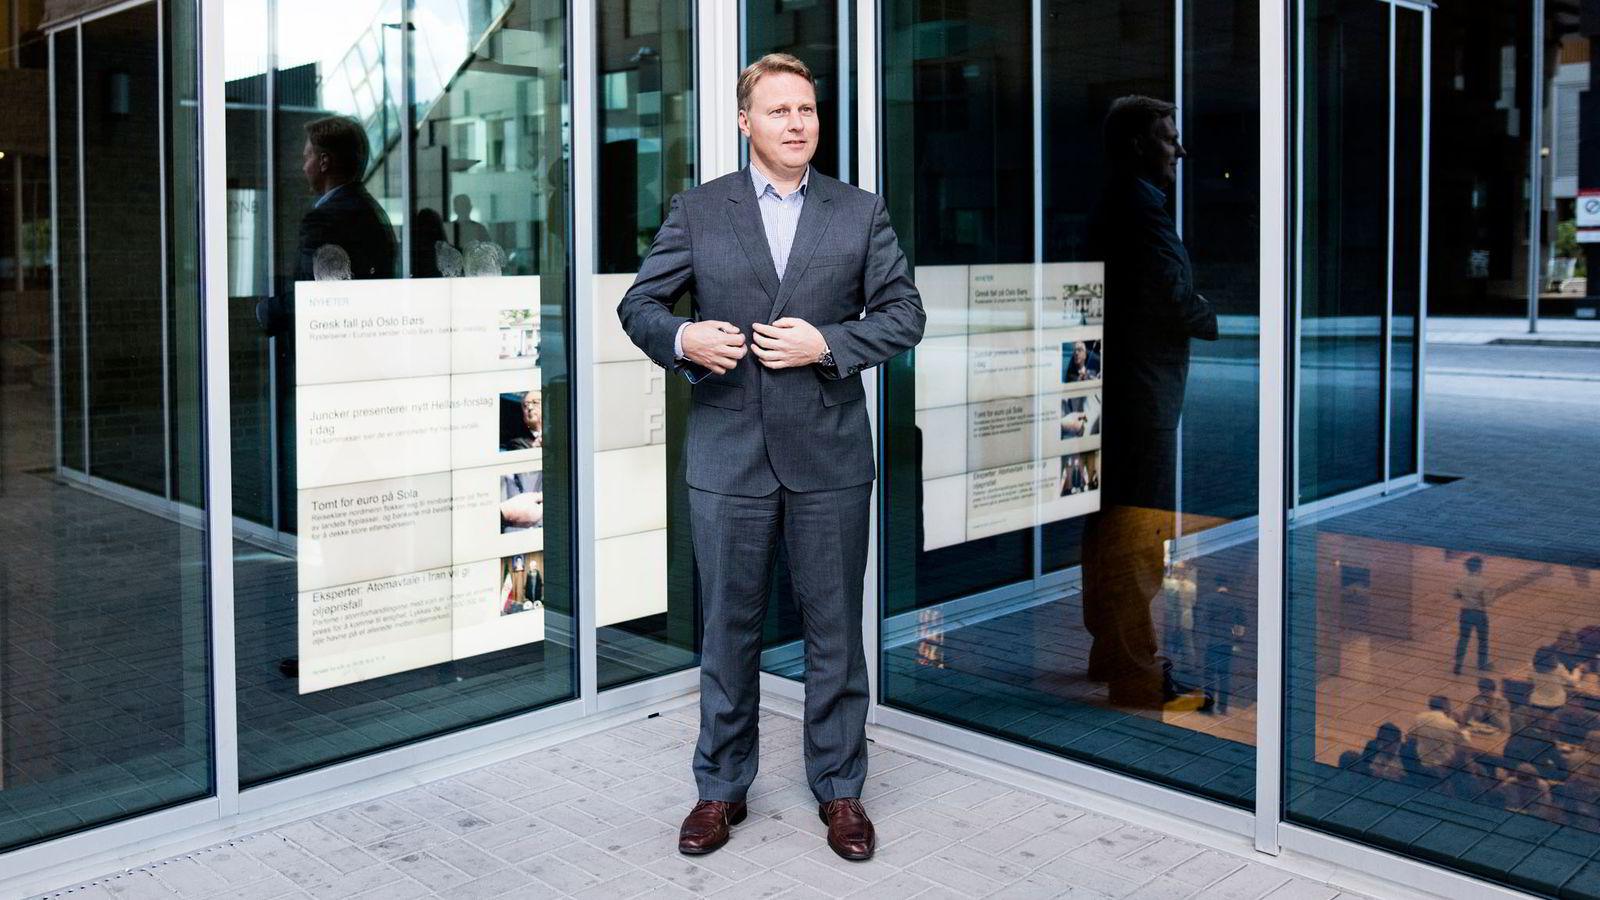 NY BANKHVERDAG. Digitaliseringen foregår i rekordfart, slår konserndirektør Trond Bentestuen fast i forkant av DNBs kapitalmarkedsdag i dag.